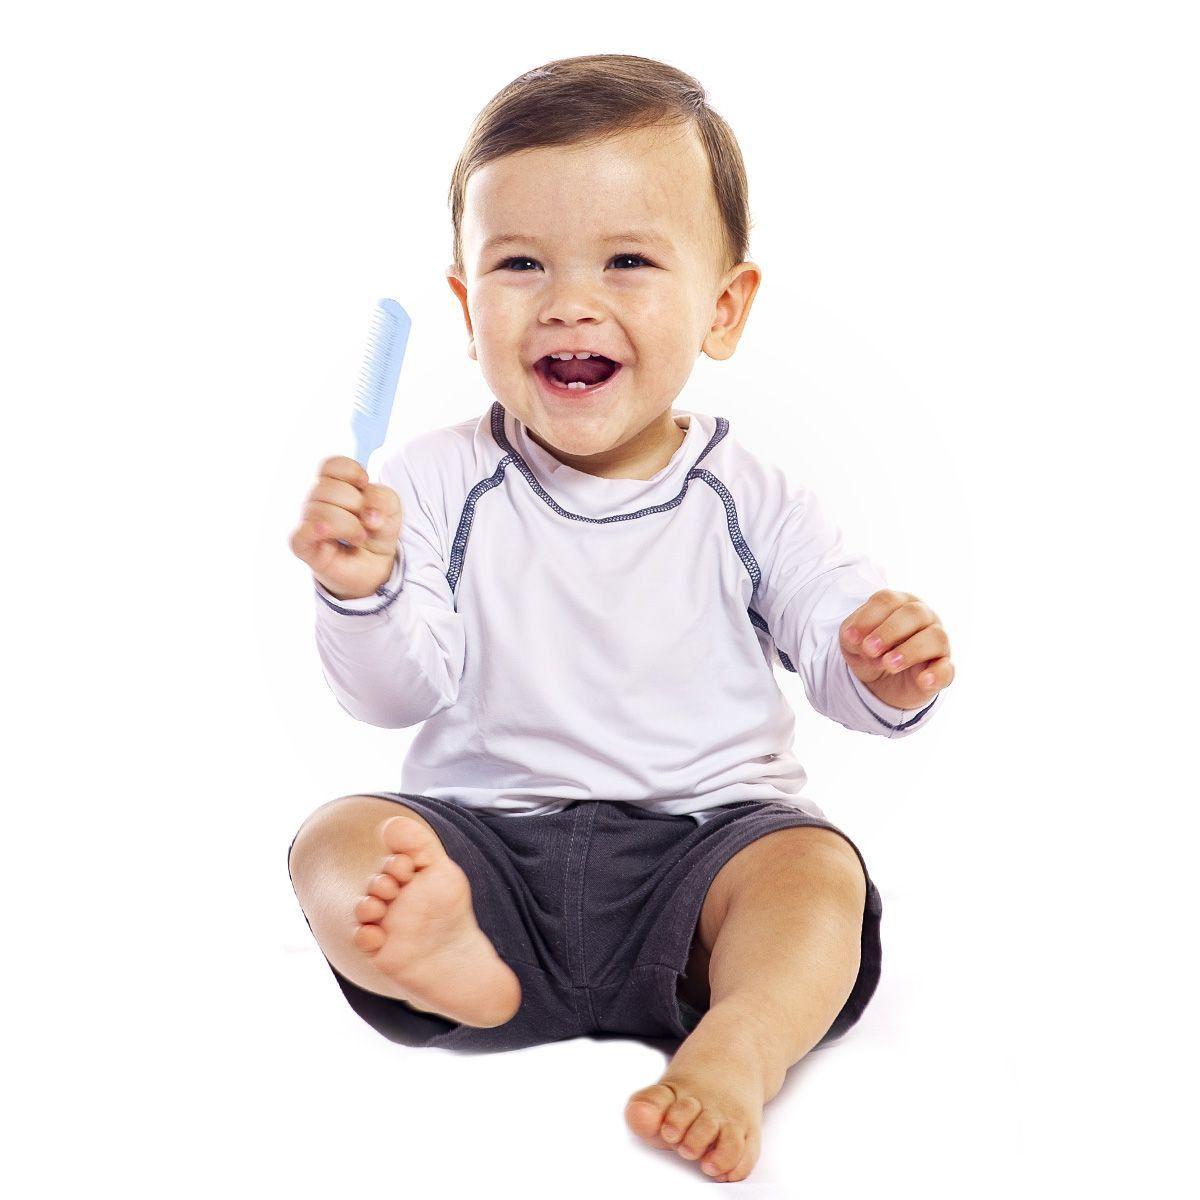 Camiseta Lupo Infantil Manga Longa com Proteção UV 50+ Unissex